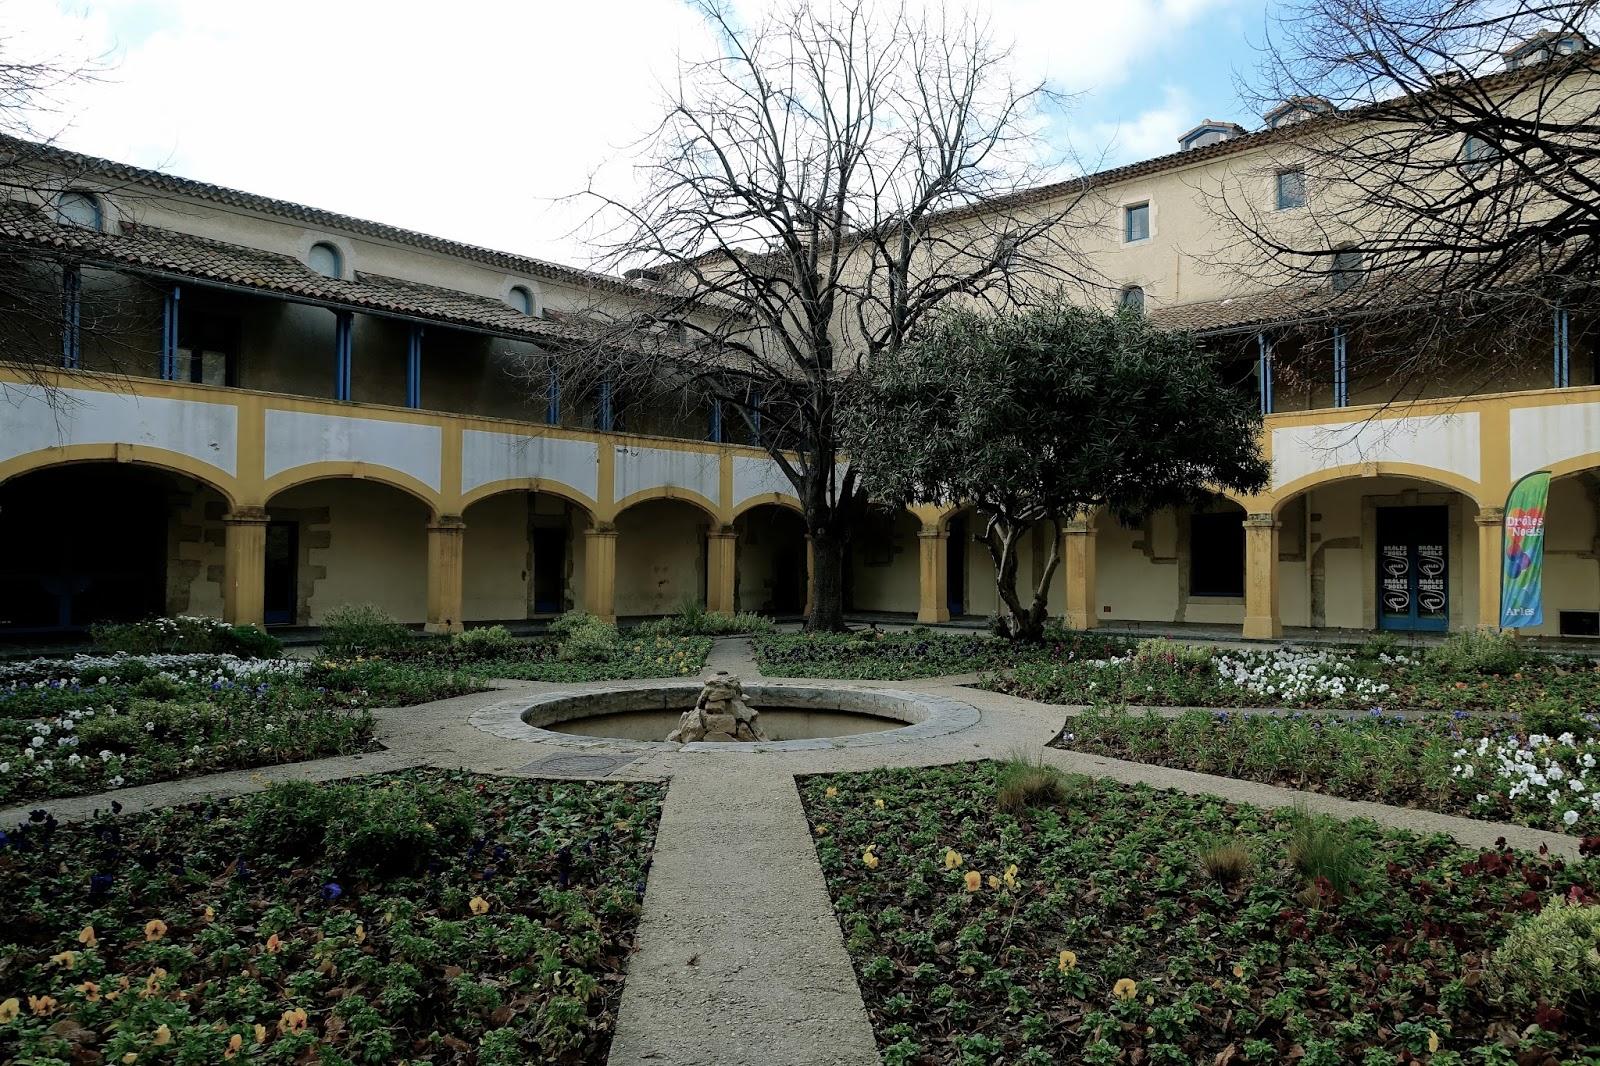 エスパス・ヴァン・ゴッホ(Espace Van Gogh)=アルルの療養所の庭